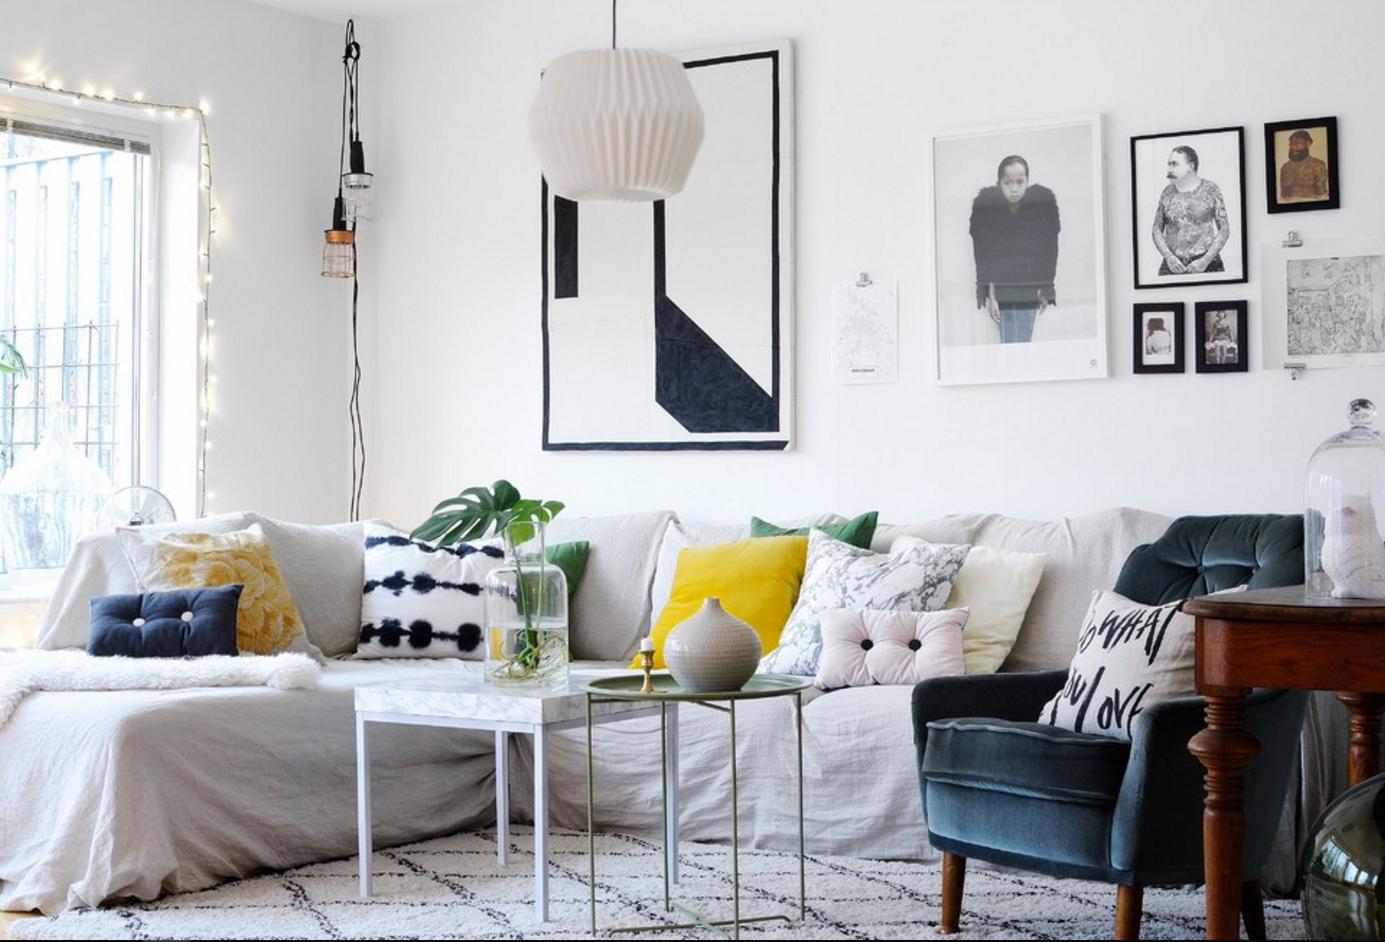 Arredare Casa Gratis Online come sistemare casa spendendo poco: idee low cost per il tuo